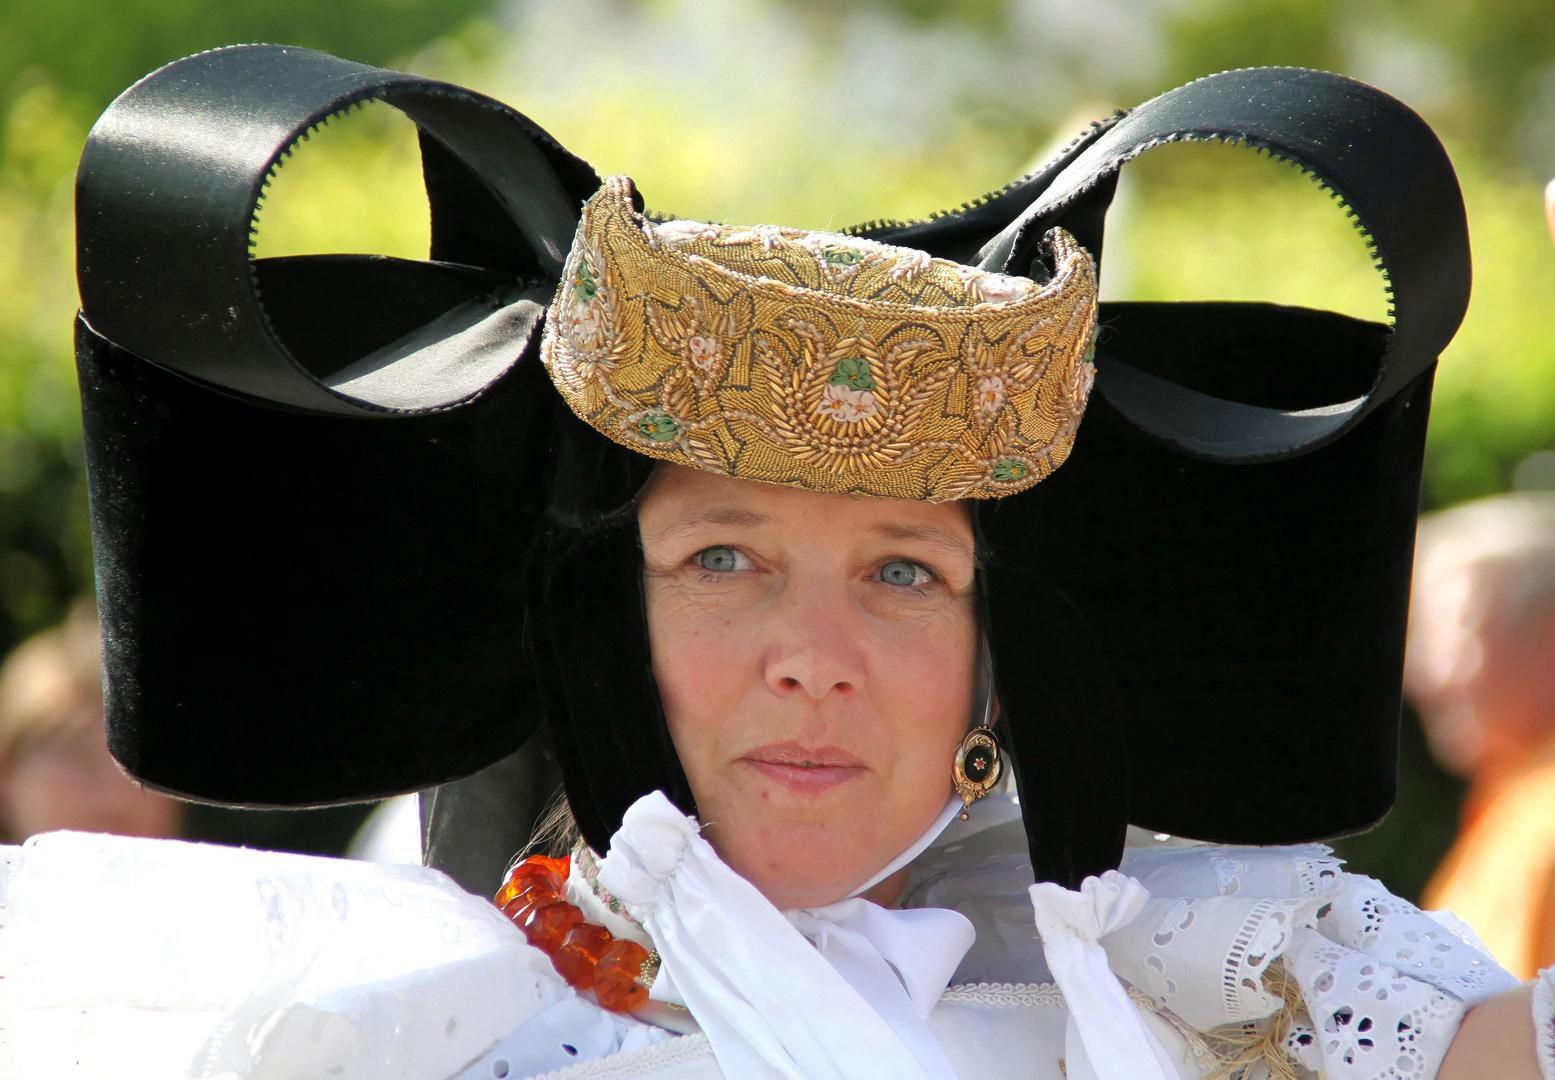 Traditioneller Kopfputz